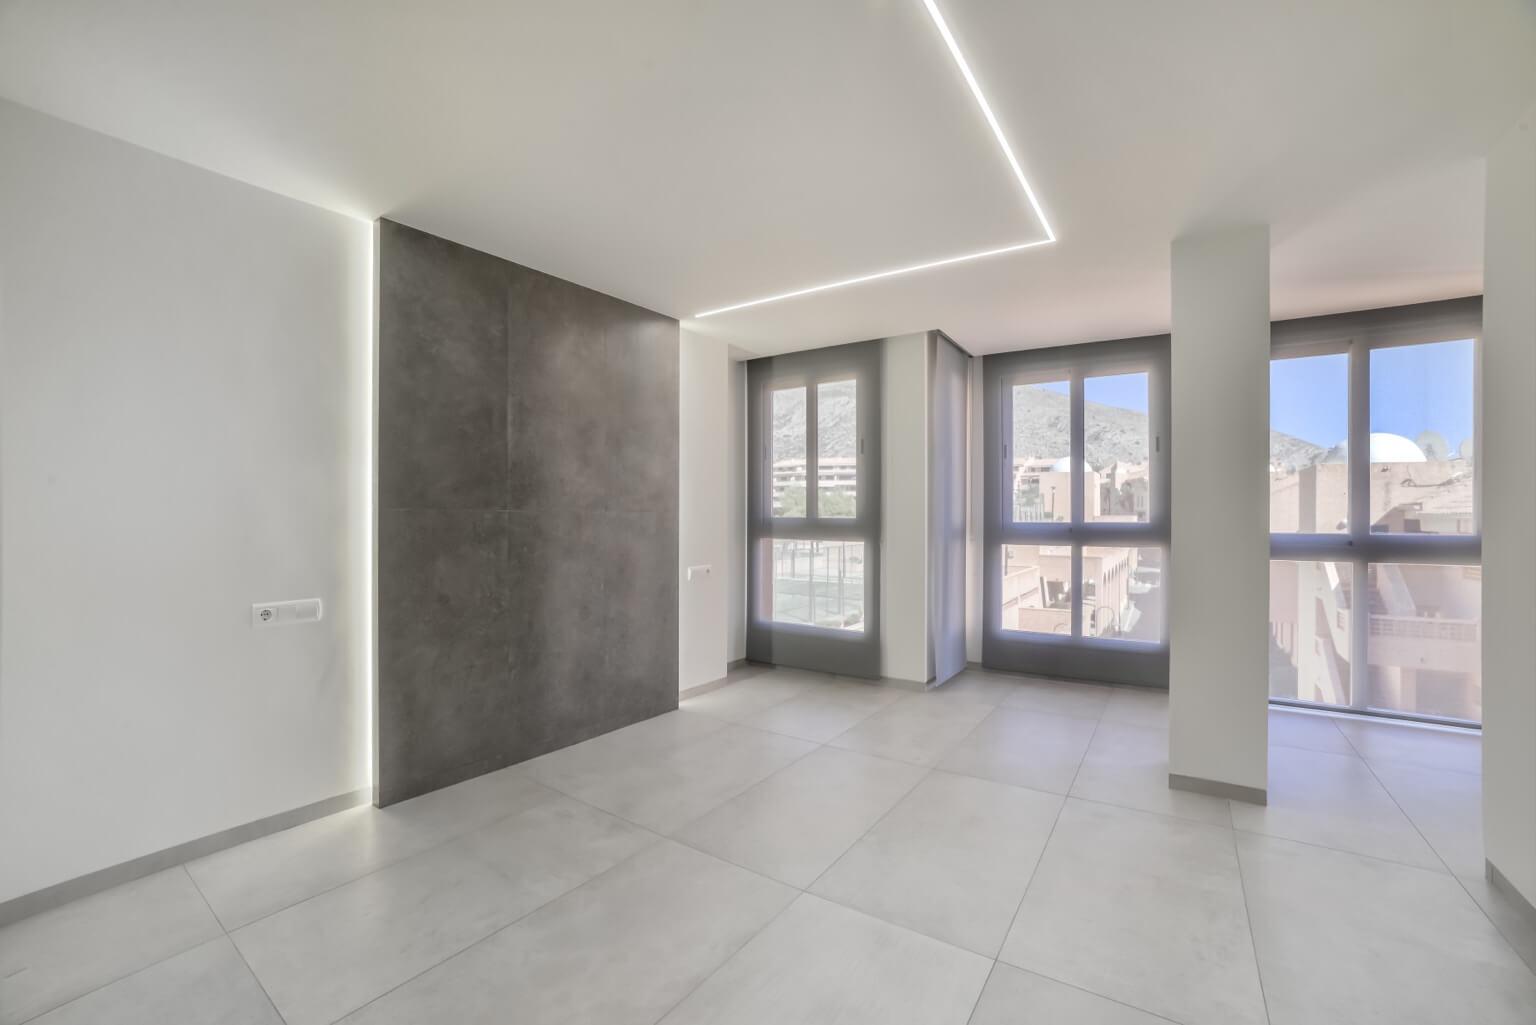 Habitaciones con Pladur en Alicante.